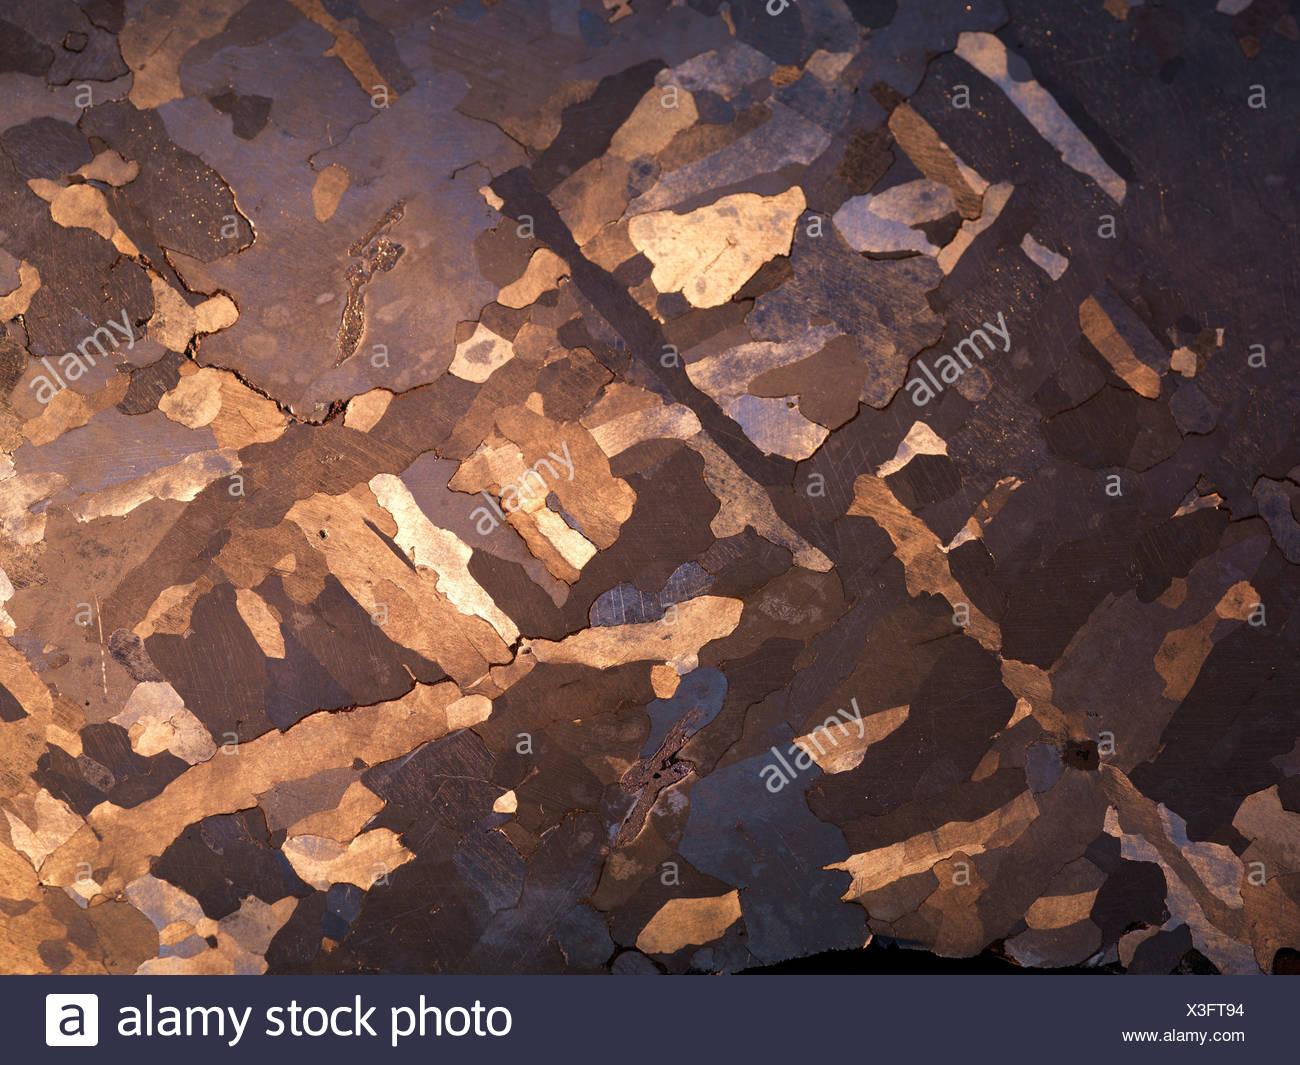 In Campo del Cielo meteorite ferroso dello strato lucido inciso per mostrare la struttura Widmanstatten grandi cristalli austenitica meteorite caduto Immagini Stock